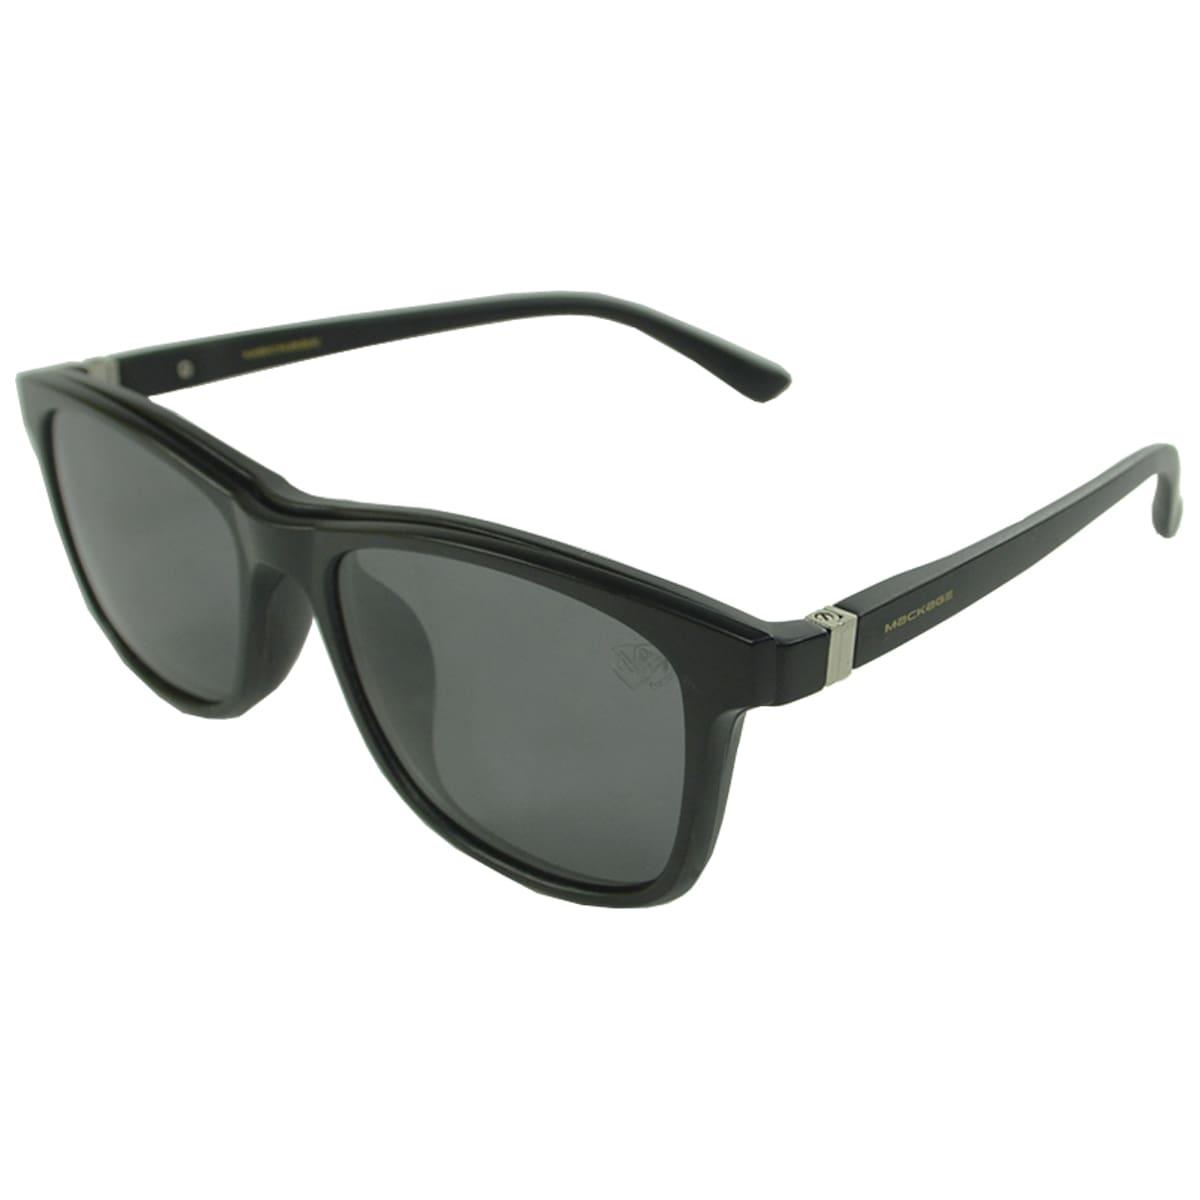 Óculos de Sol Clip On Mackage Polarizado MK2267C2 Preto Fosco